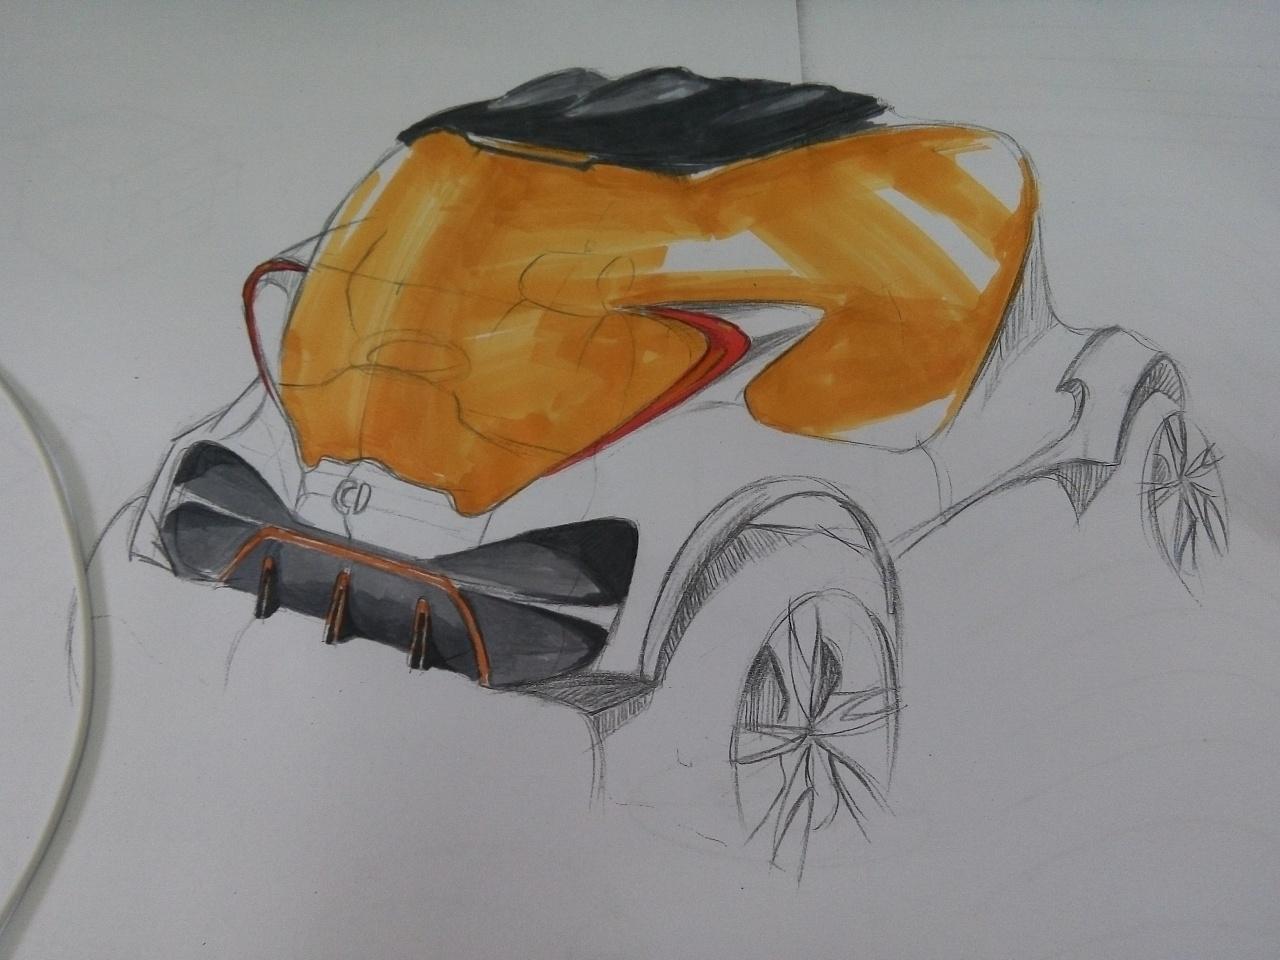 汽车马克笔手绘练习|工业/产品|交通工具|陈敬洪